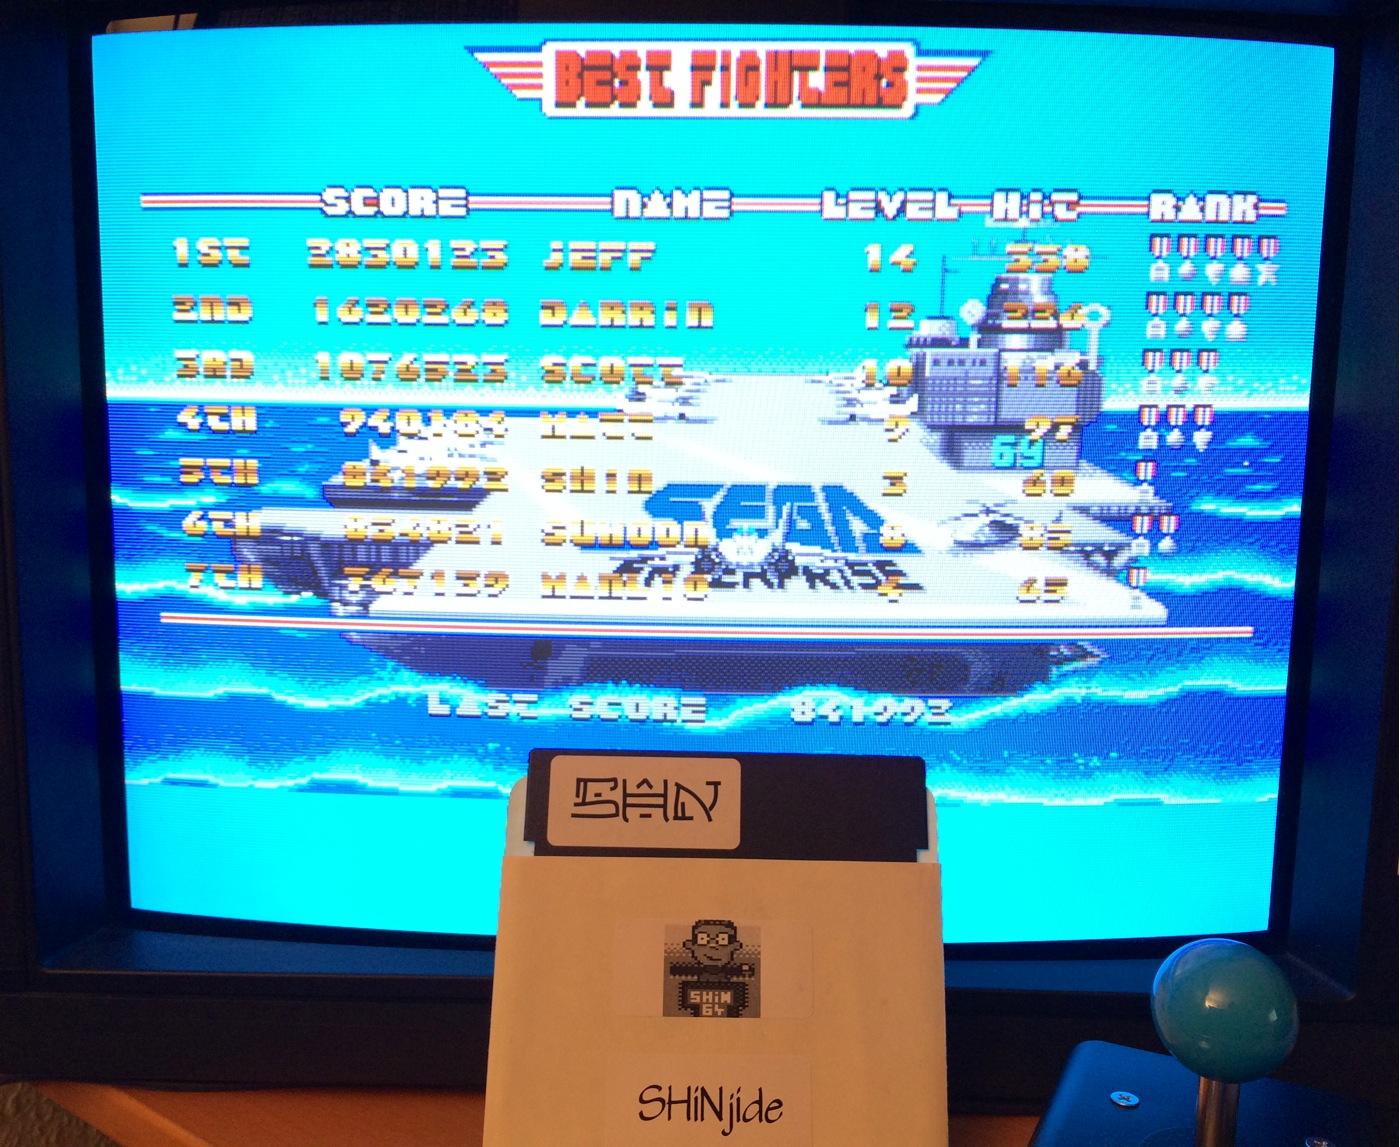 SHiNjide: After Burner [Sega] (Amiga) 841,992 points on 2014-08-23 14:26:51